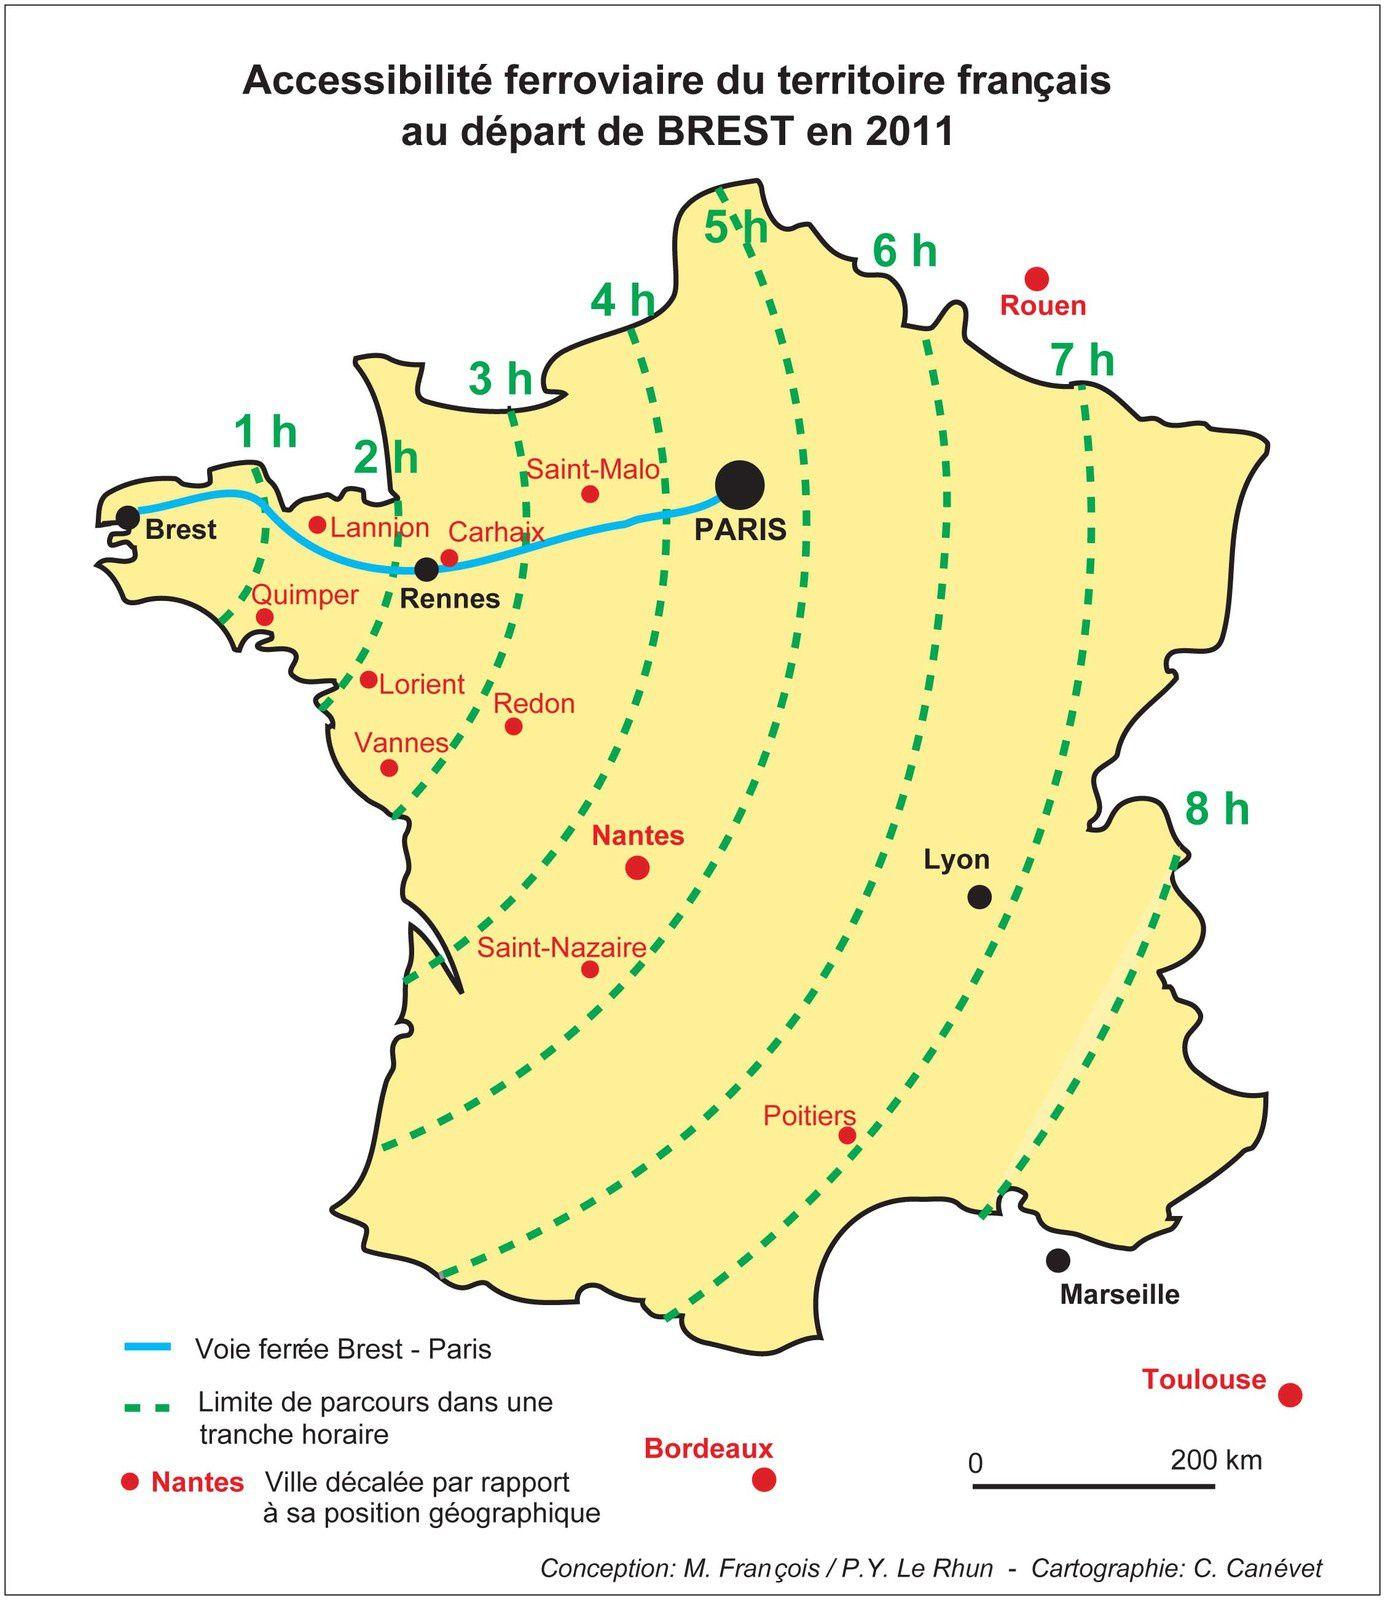 Effet relatif d'éloignement entre Brest et de son environnement dû à l'accélération prioritaire des relations avec Paris (l'effet est similaire pour les autres extrémités de lignes TGV), mais l'exemple de Brest met en lumière les conséquences de cette politique en Bretagne.